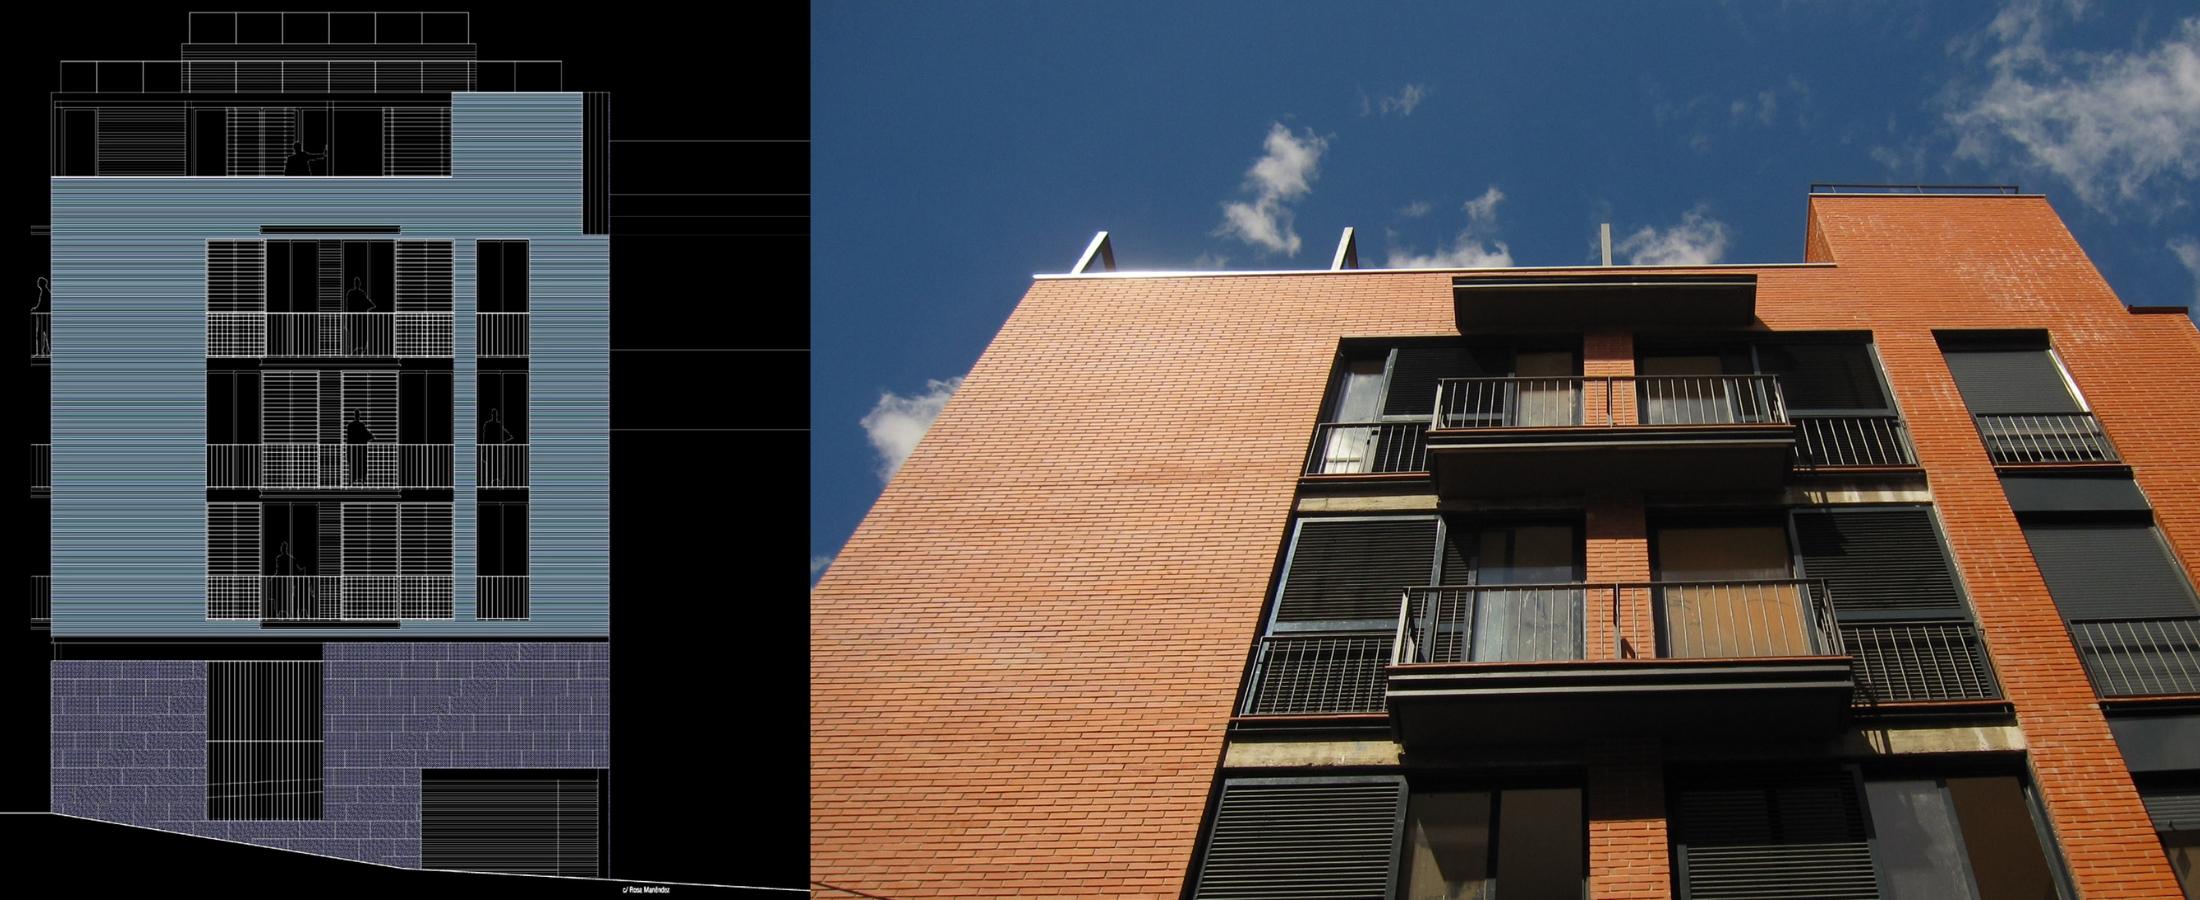 Paseo de la Dirección, situada en Madrid. Un proyecto del estudio de arquitectura FH2L Arquitectos